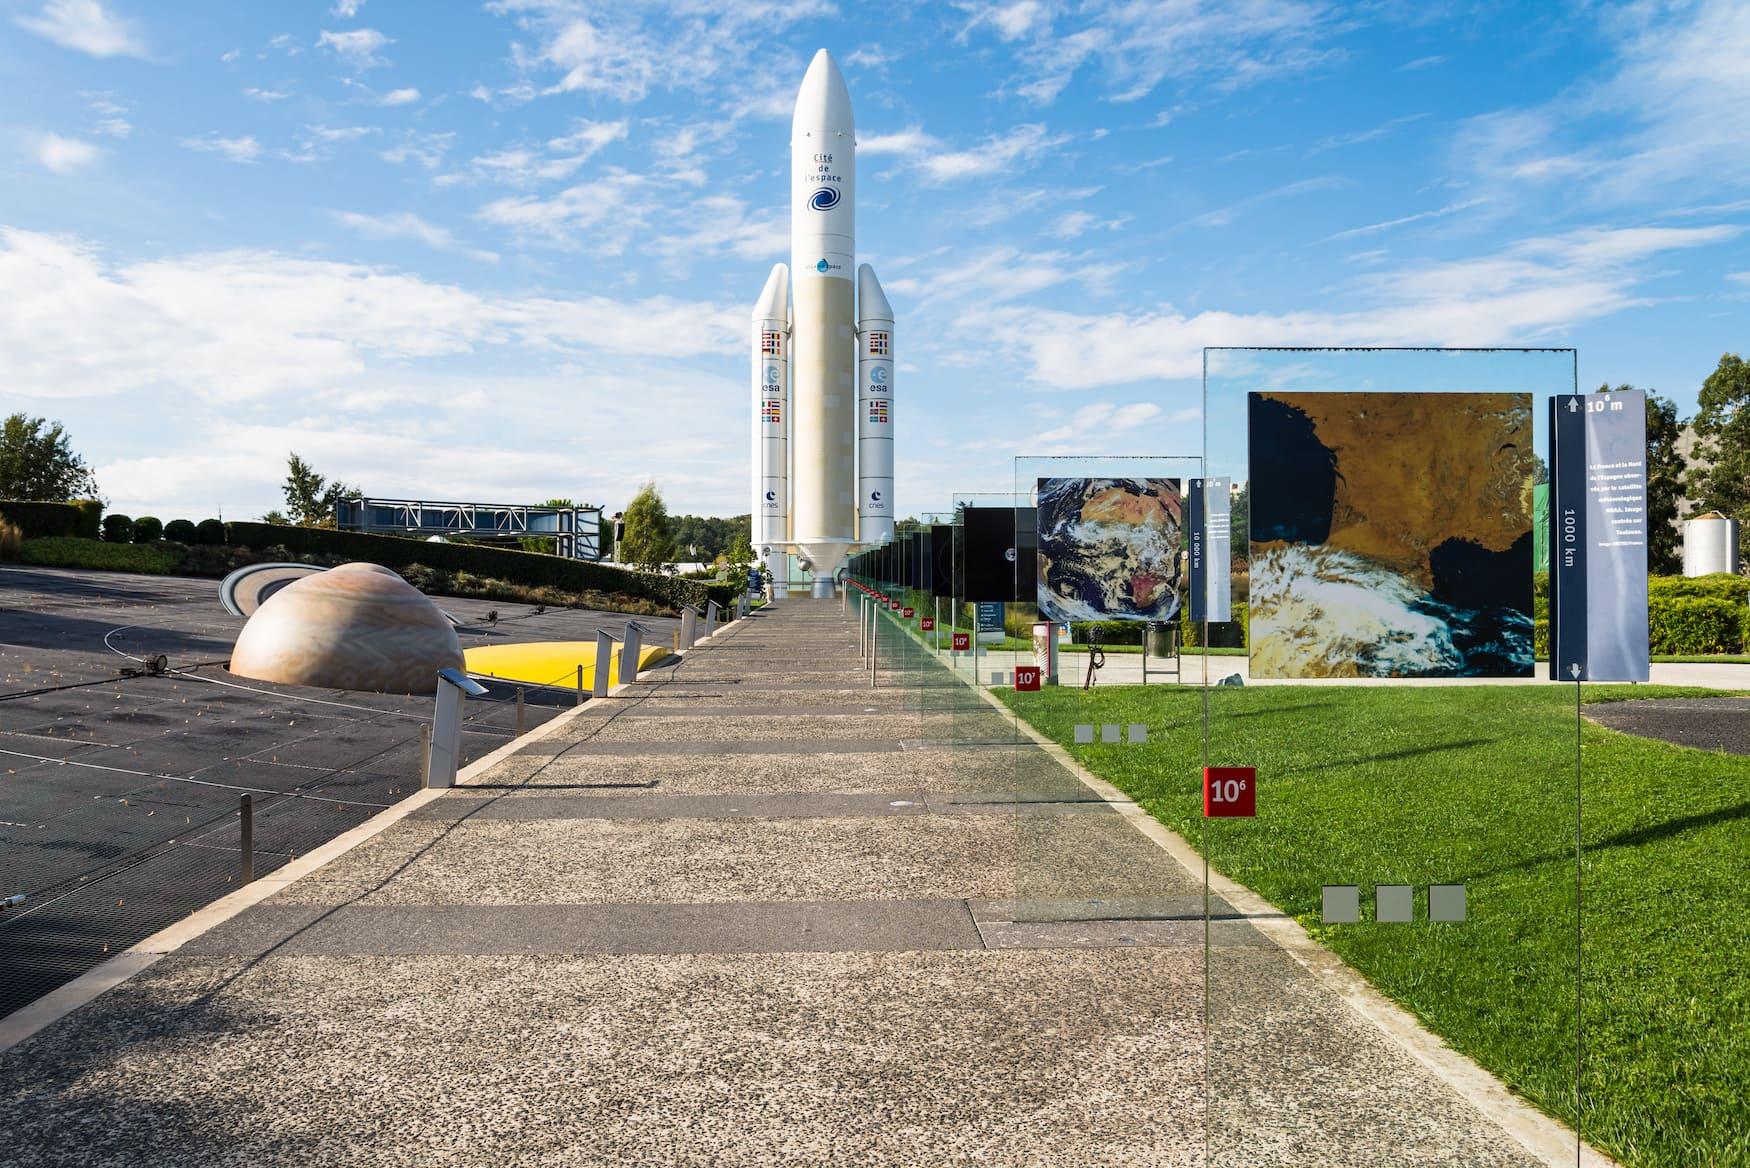 Cité l'Espace - Themenpark für Raumfahrt in Toulouse